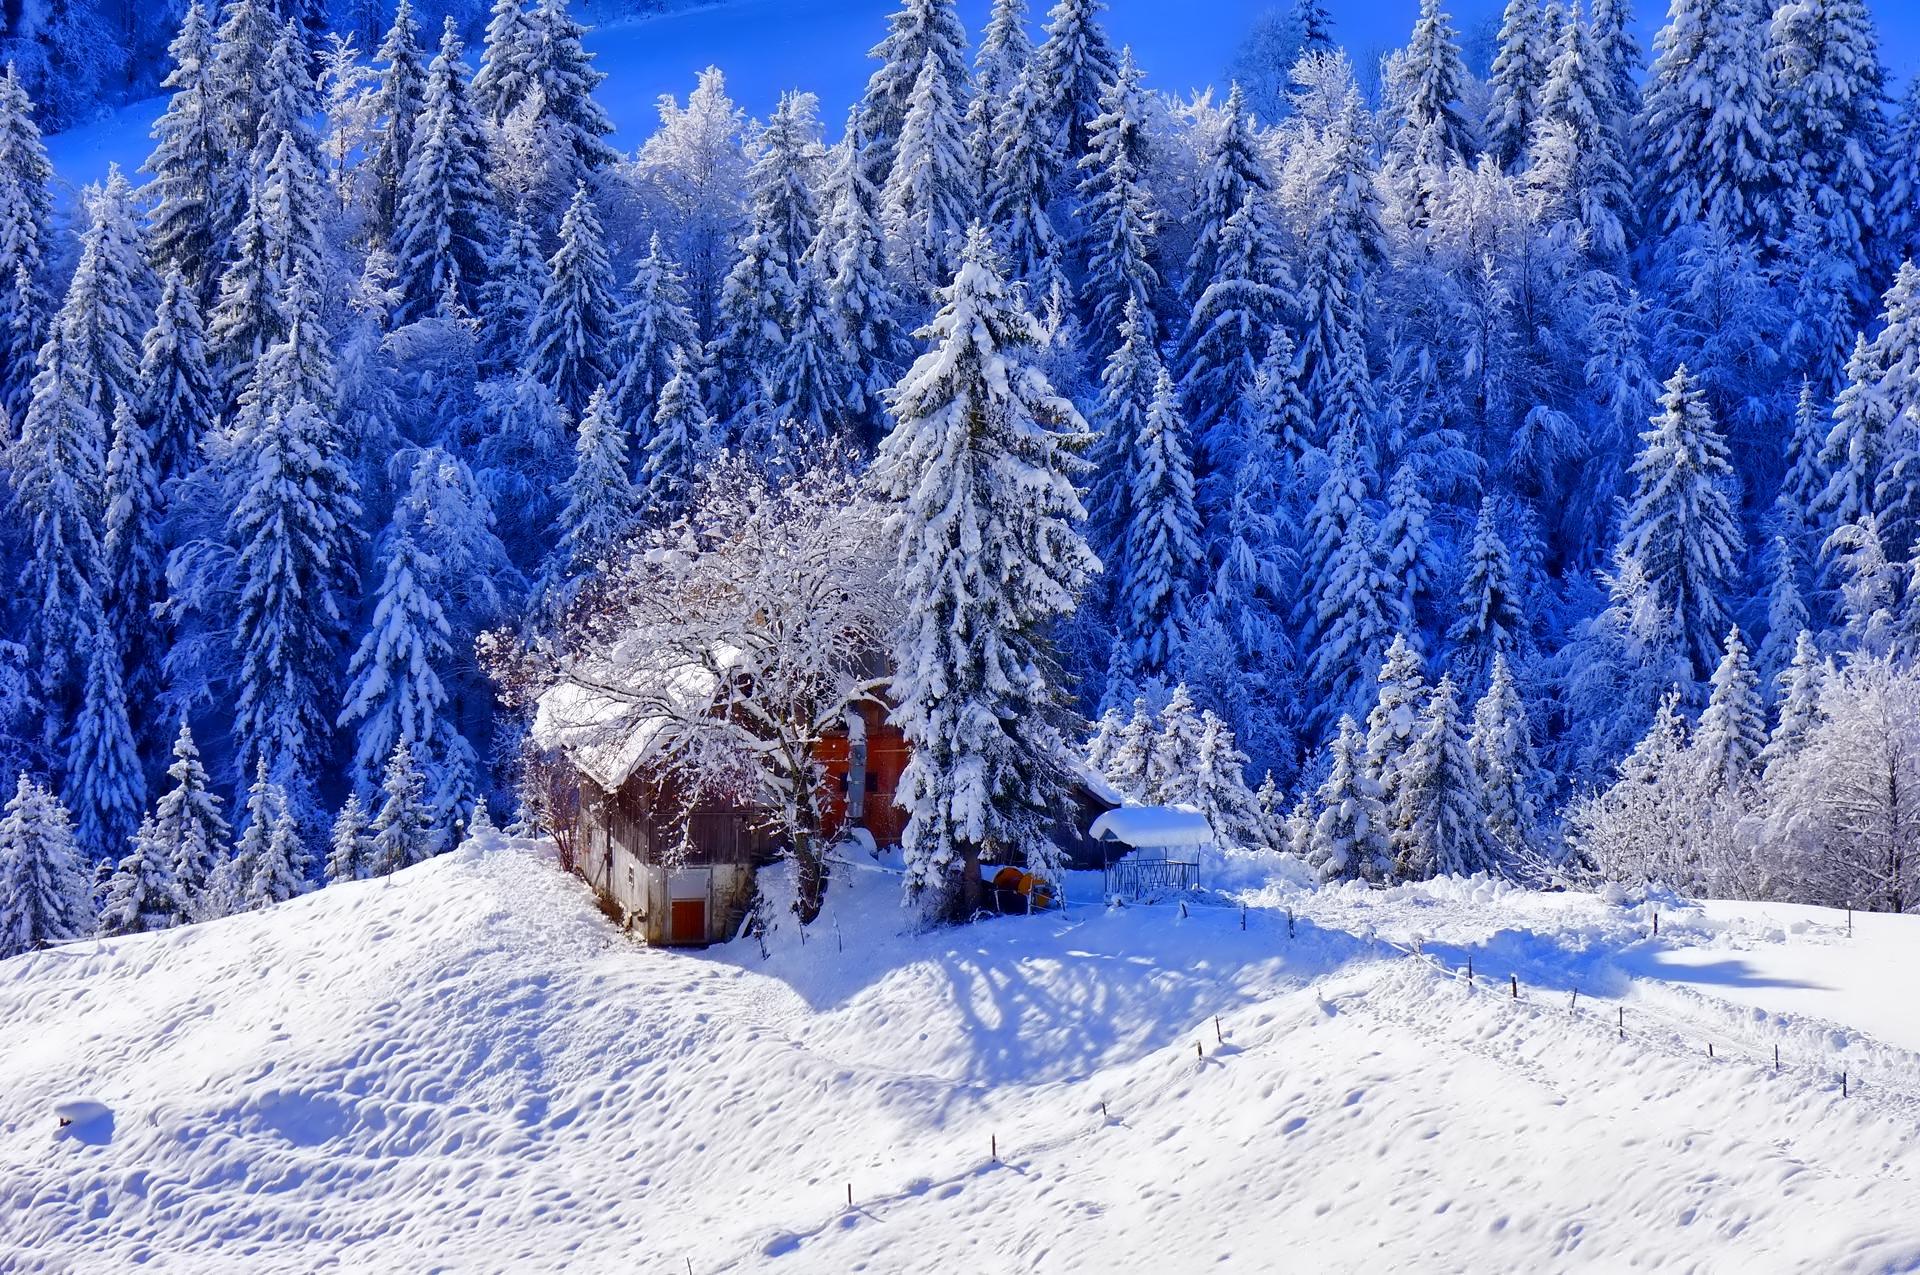 126928 скачать обои Зима, Домик, Природа, Деревья, Снег, Возвышенность - заставки и картинки бесплатно